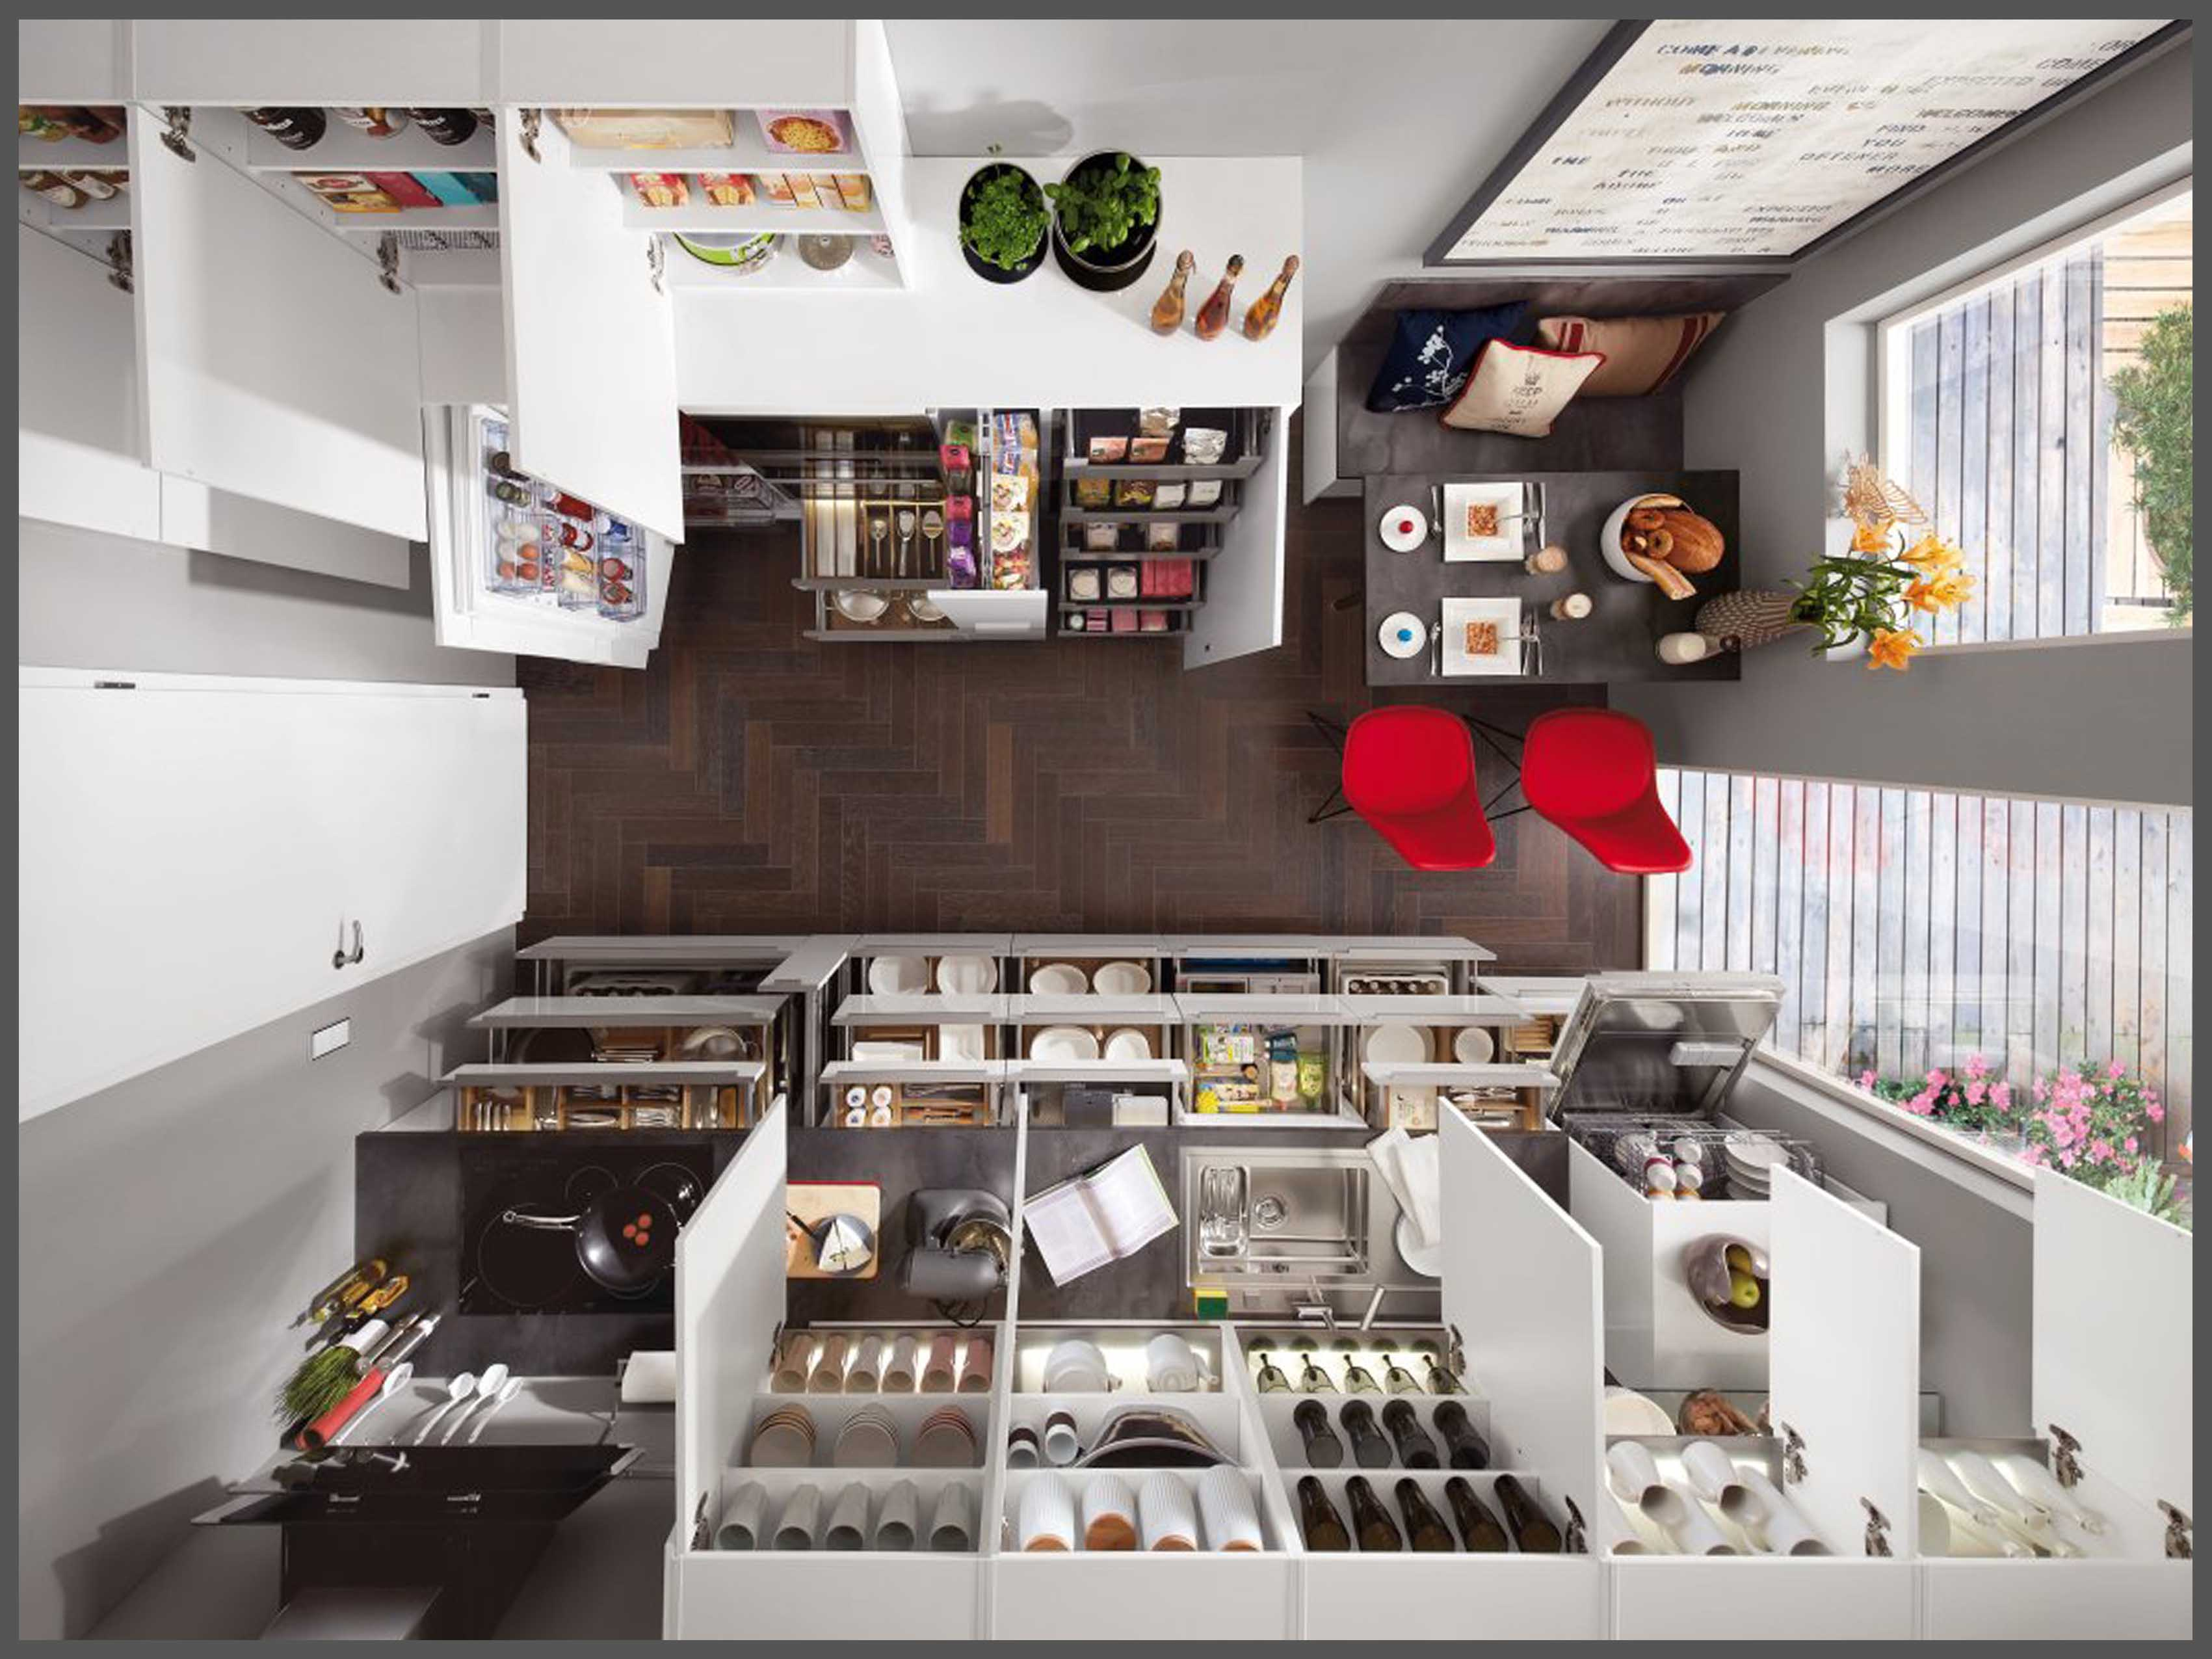 akcja organizacja kuchnia organizacja ywno ci i akcesori w archistacja. Black Bedroom Furniture Sets. Home Design Ideas